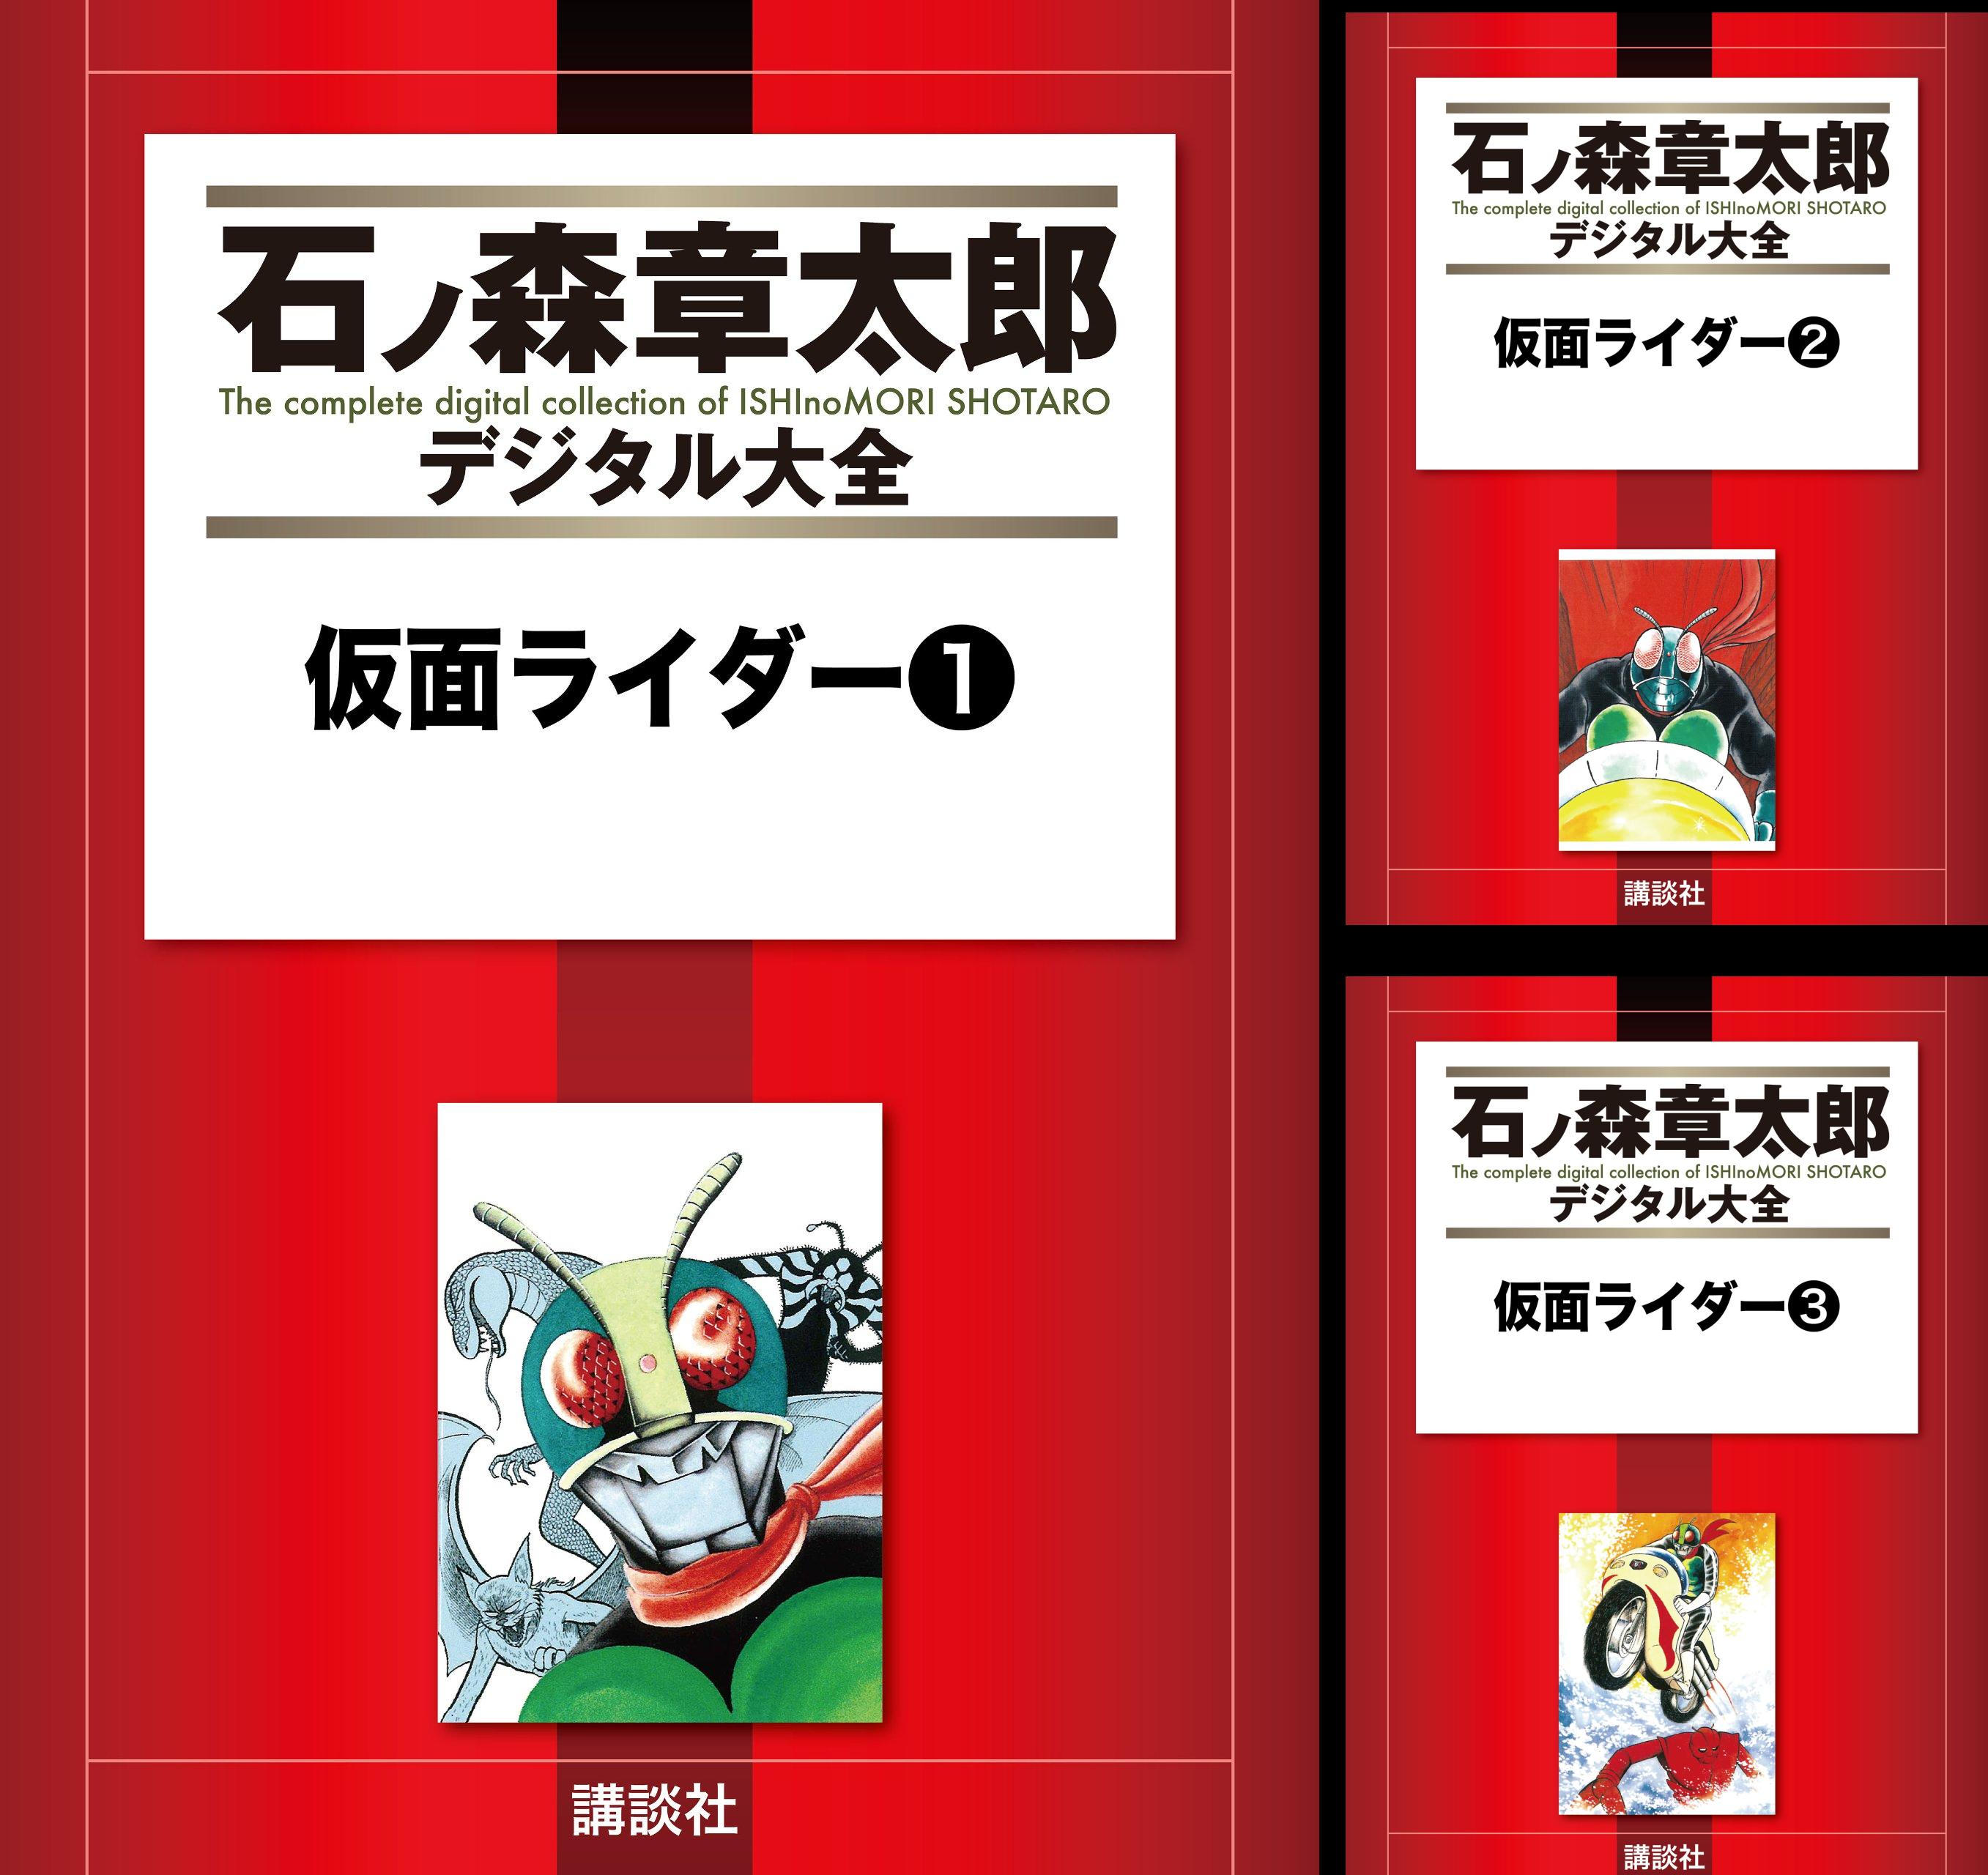 [まとめ買い] 仮面ライダー(石ノ森章太郎デジタル大全)